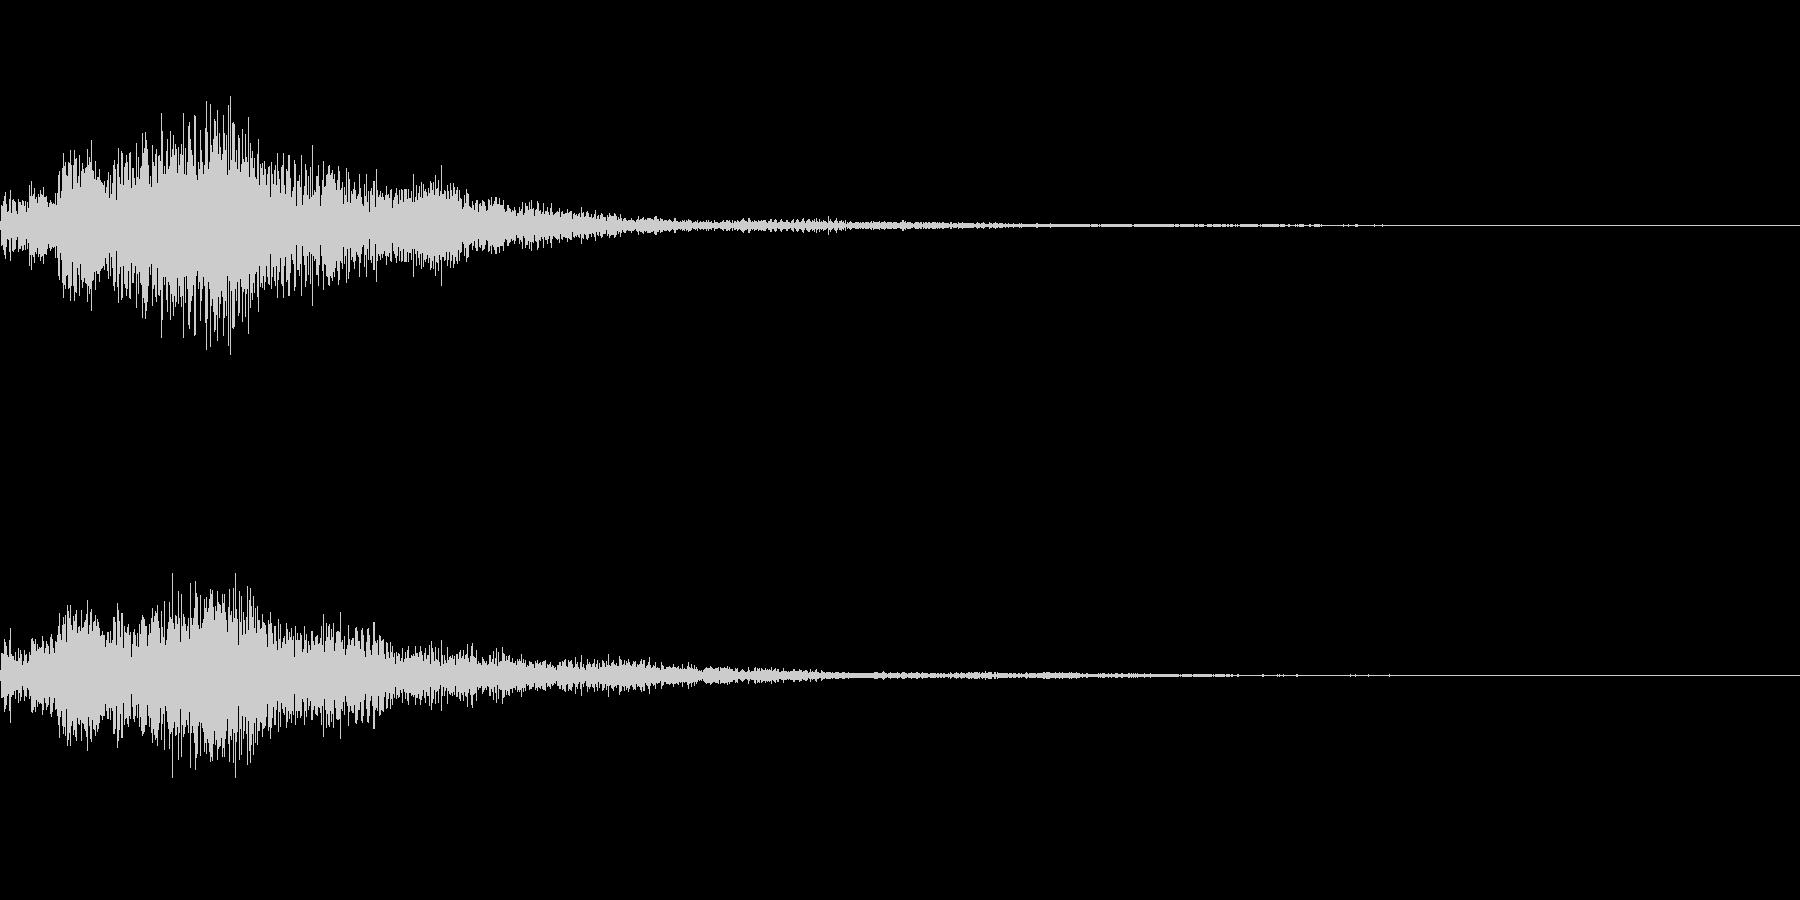 魔法系のサウンドの未再生の波形